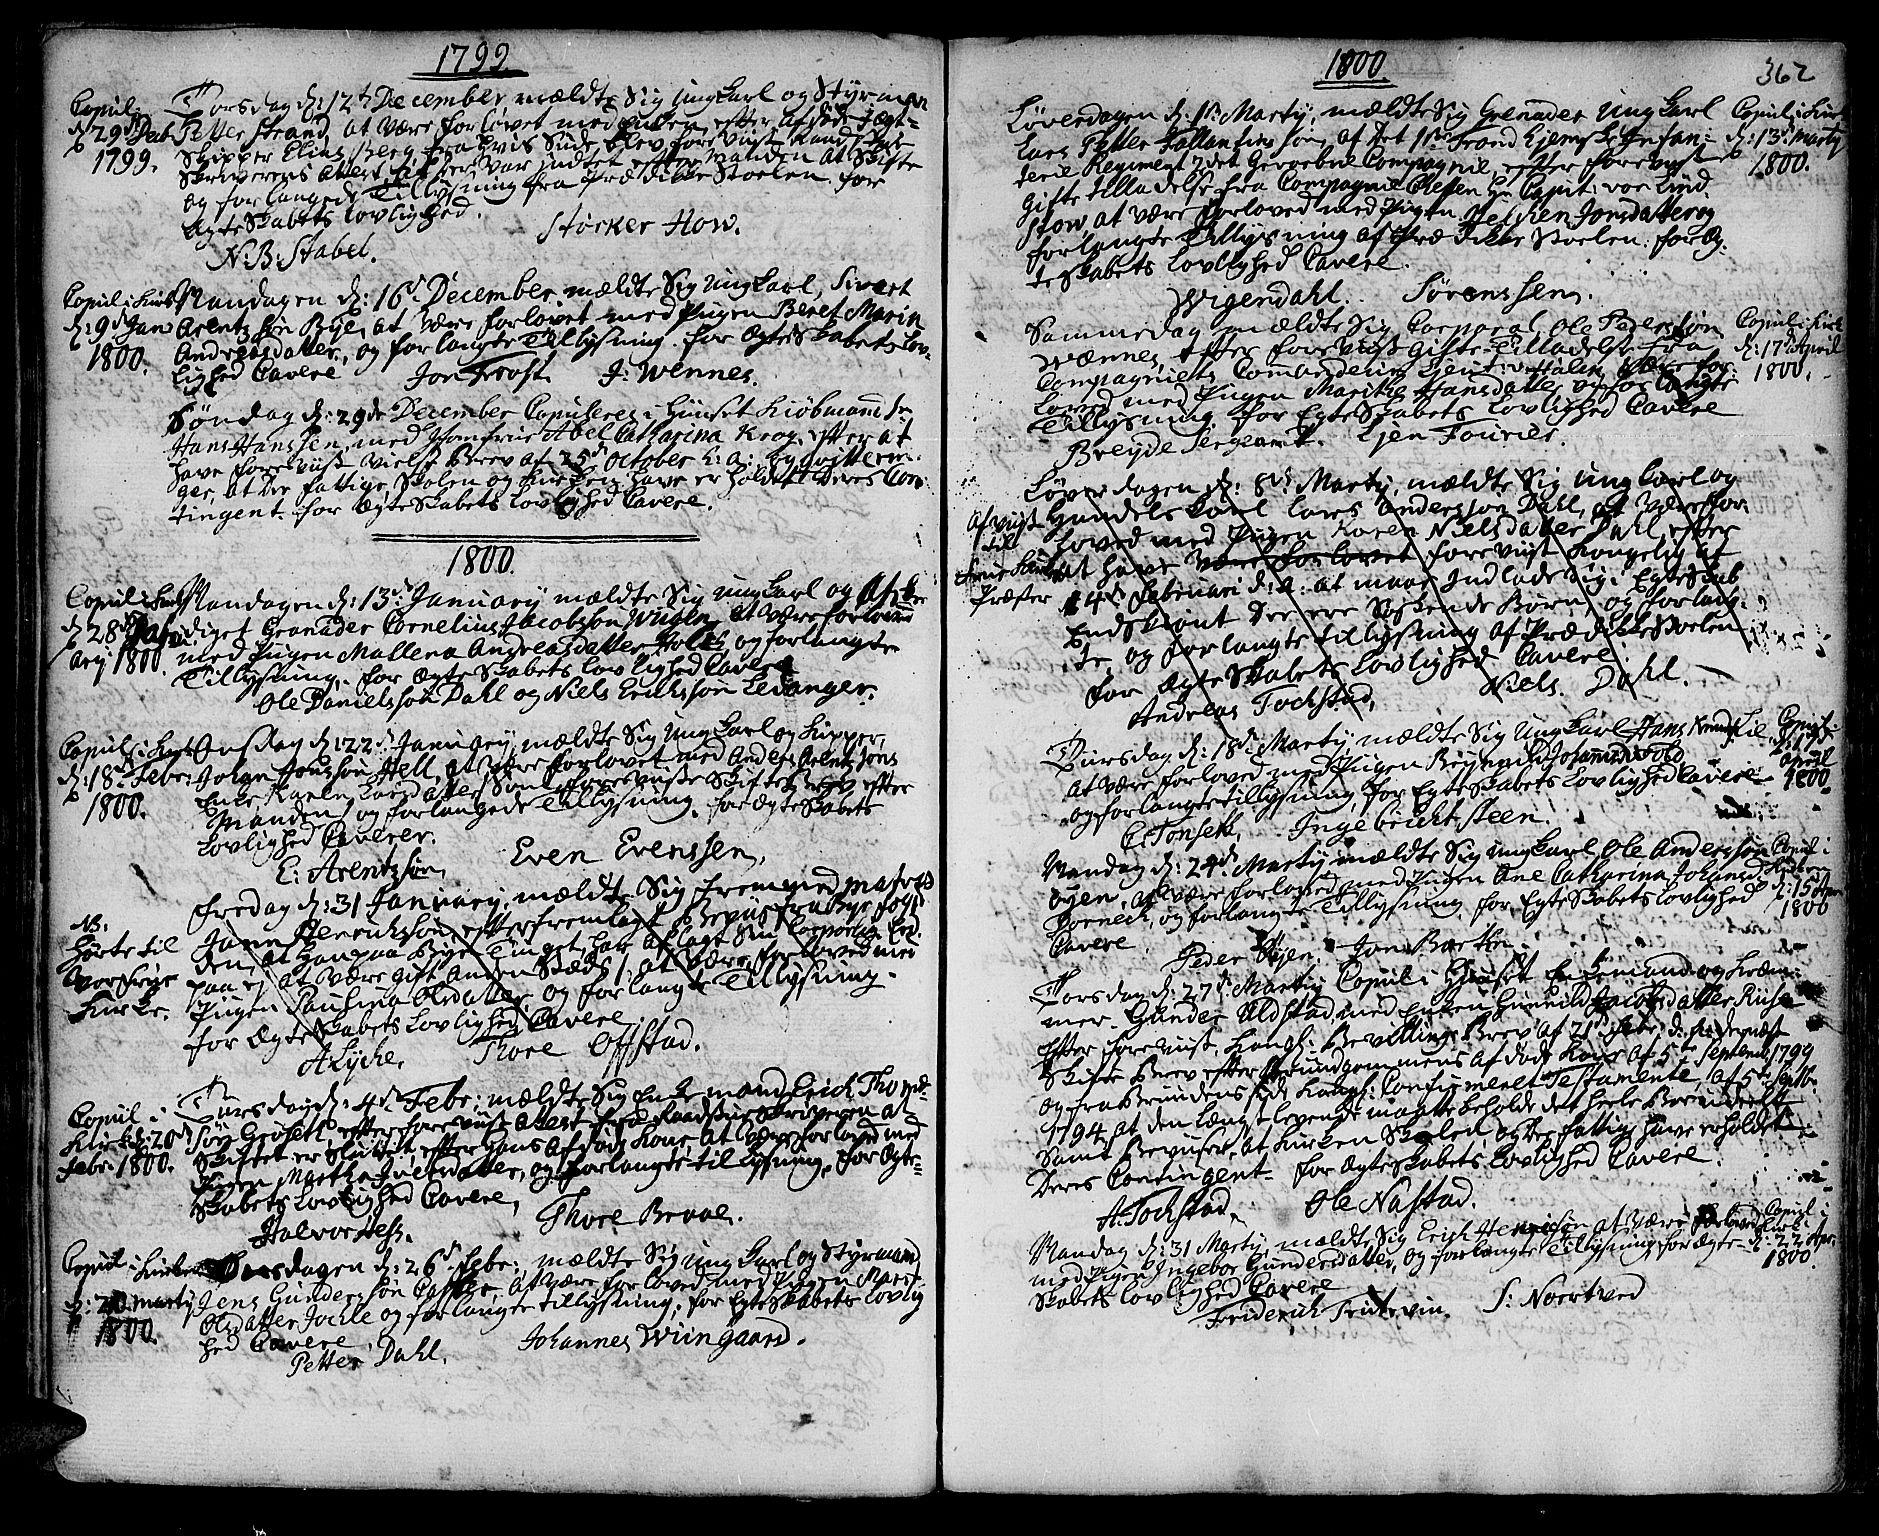 SAT, Ministerialprotokoller, klokkerbøker og fødselsregistre - Sør-Trøndelag, 601/L0038: Ministerialbok nr. 601A06, 1766-1877, s. 362